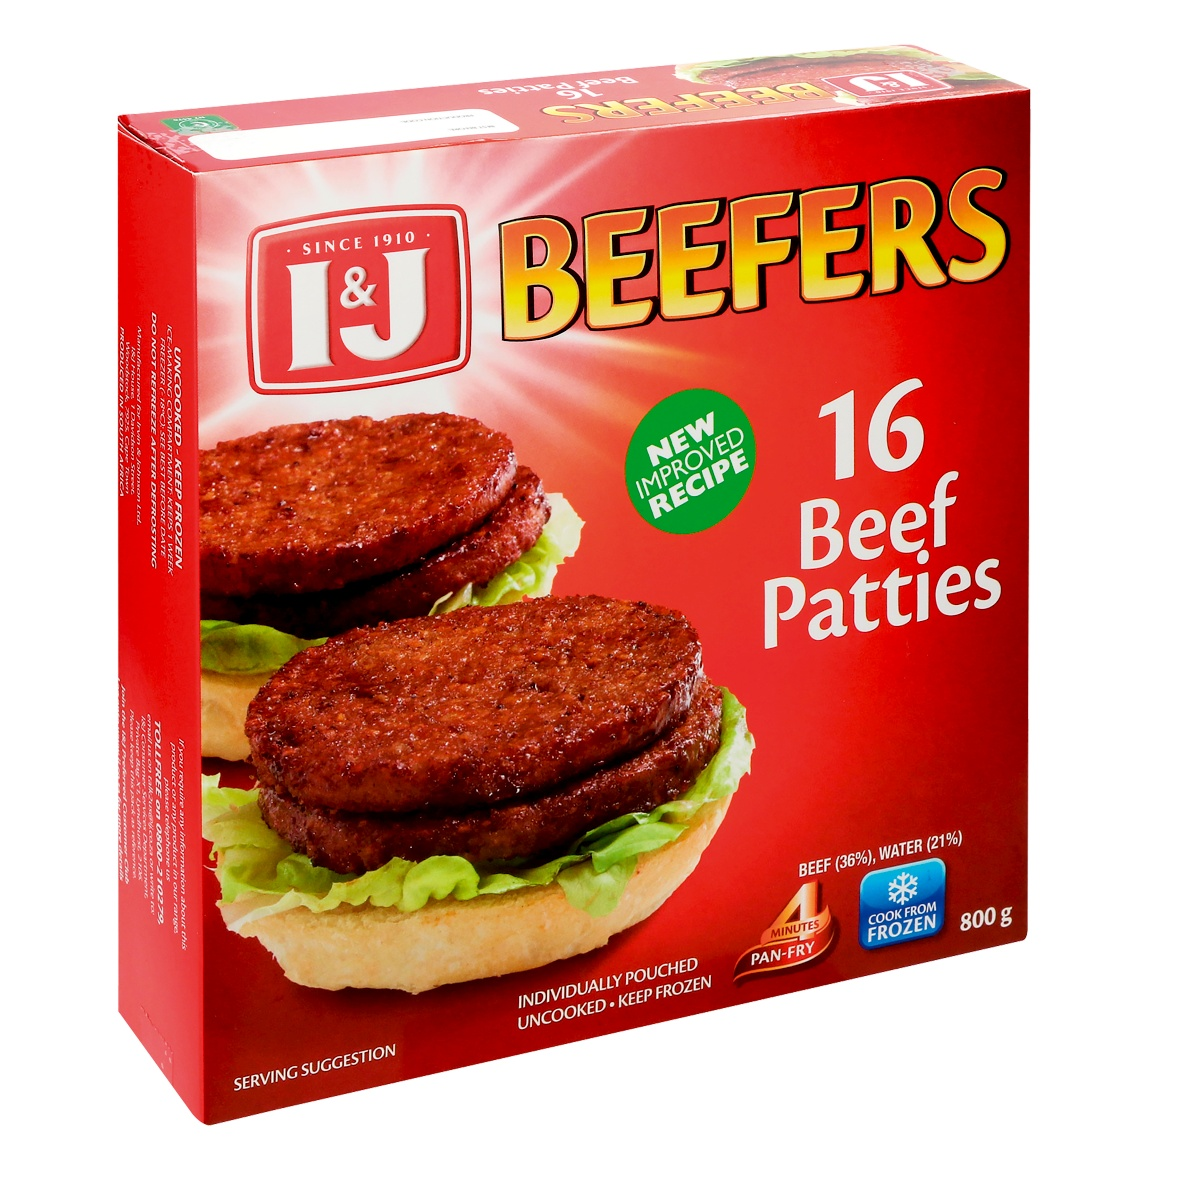 I&J BEEFERS 800GR